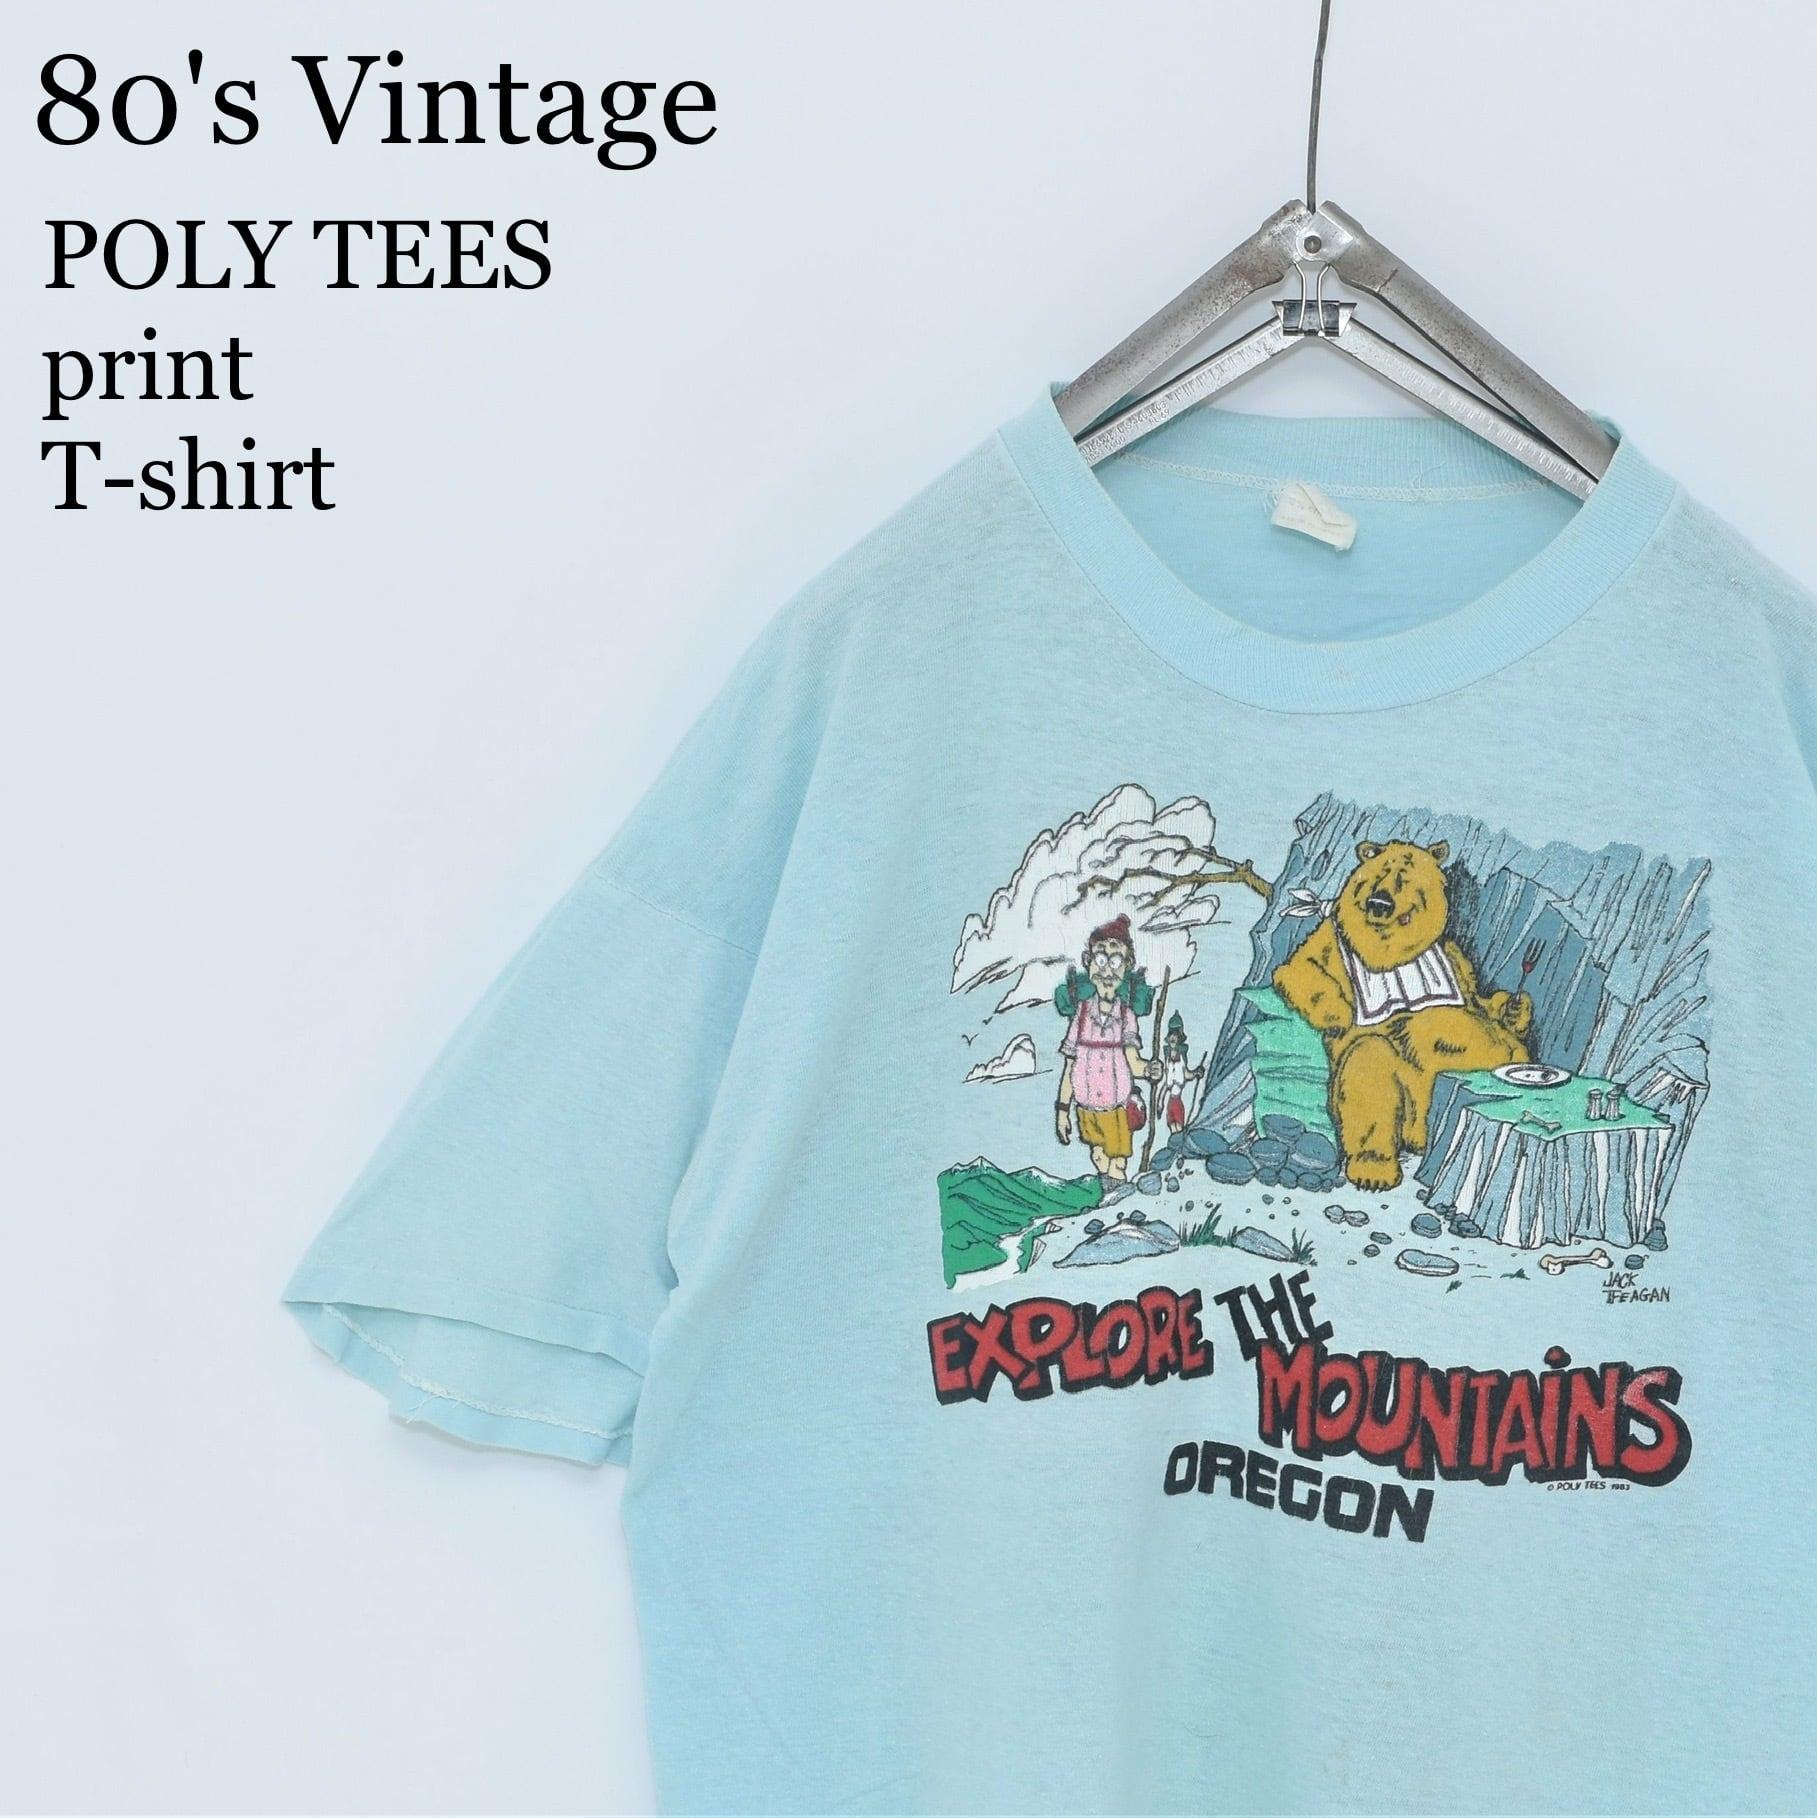 80s vintage PolyTees パキ綿 ポップアートTシャツ ビンテージ